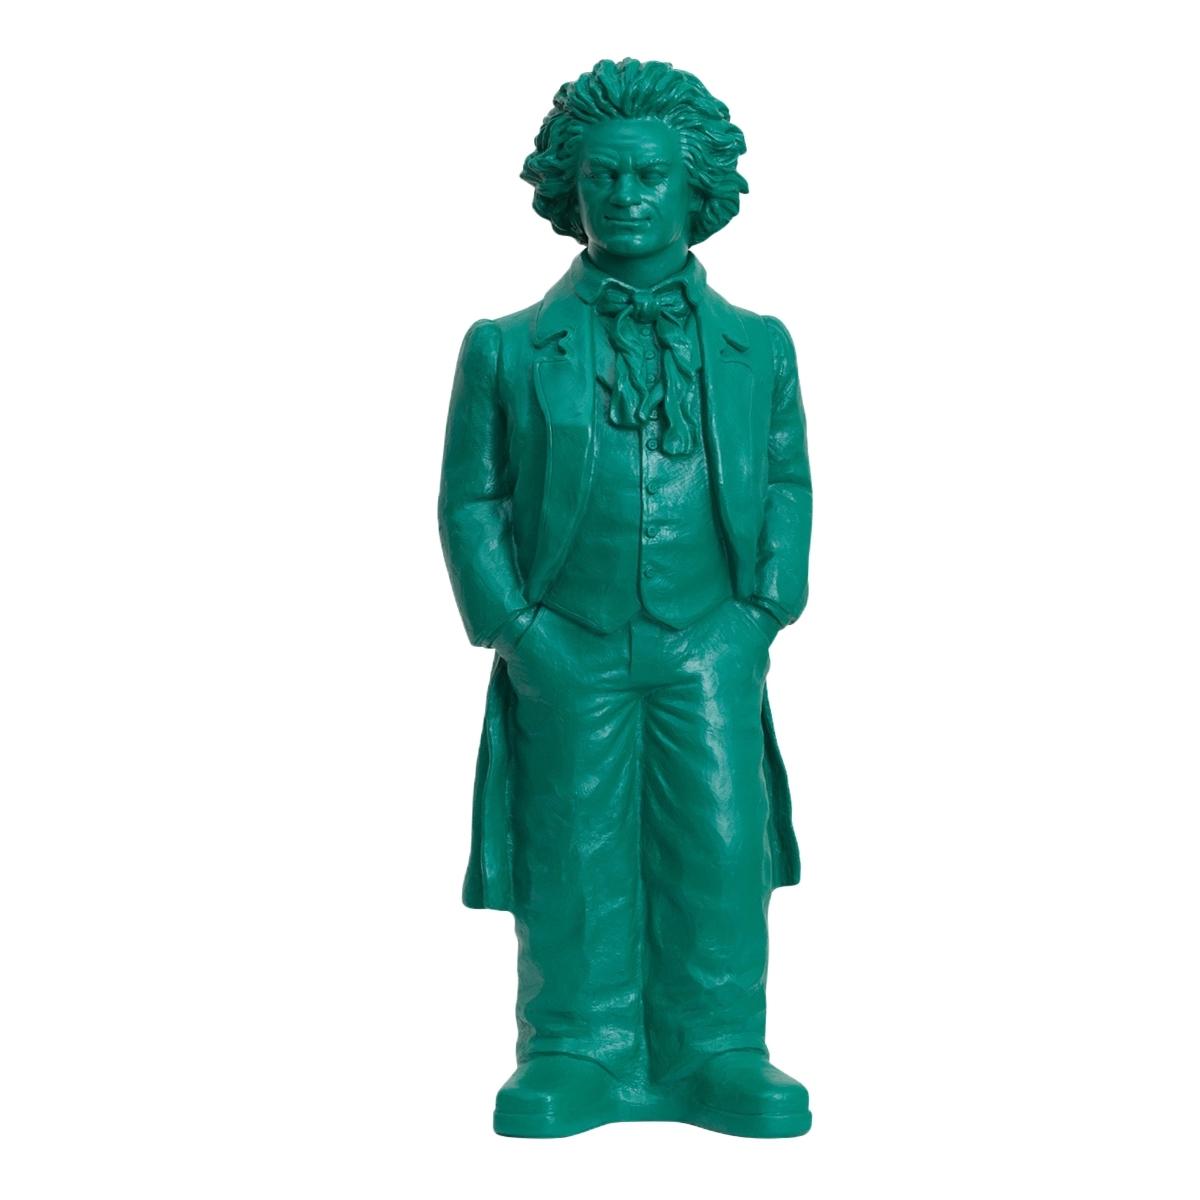 Ludwig van Beethoven - opalgrün